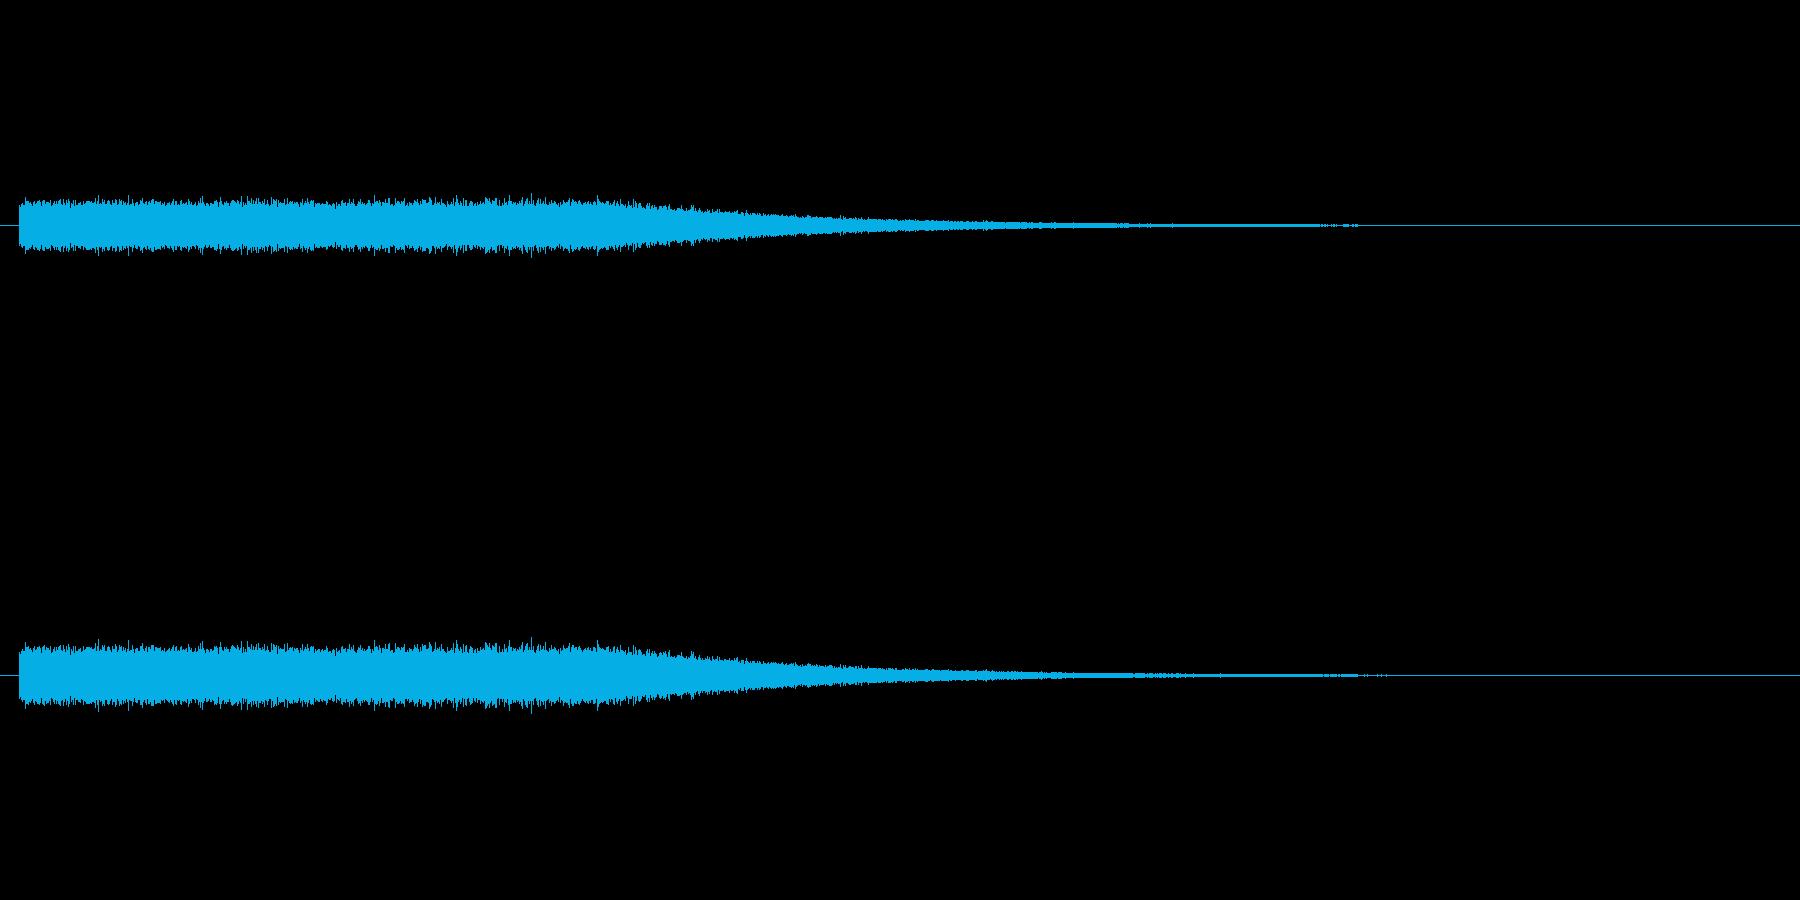 ザーザー降りの雨の音の再生済みの波形